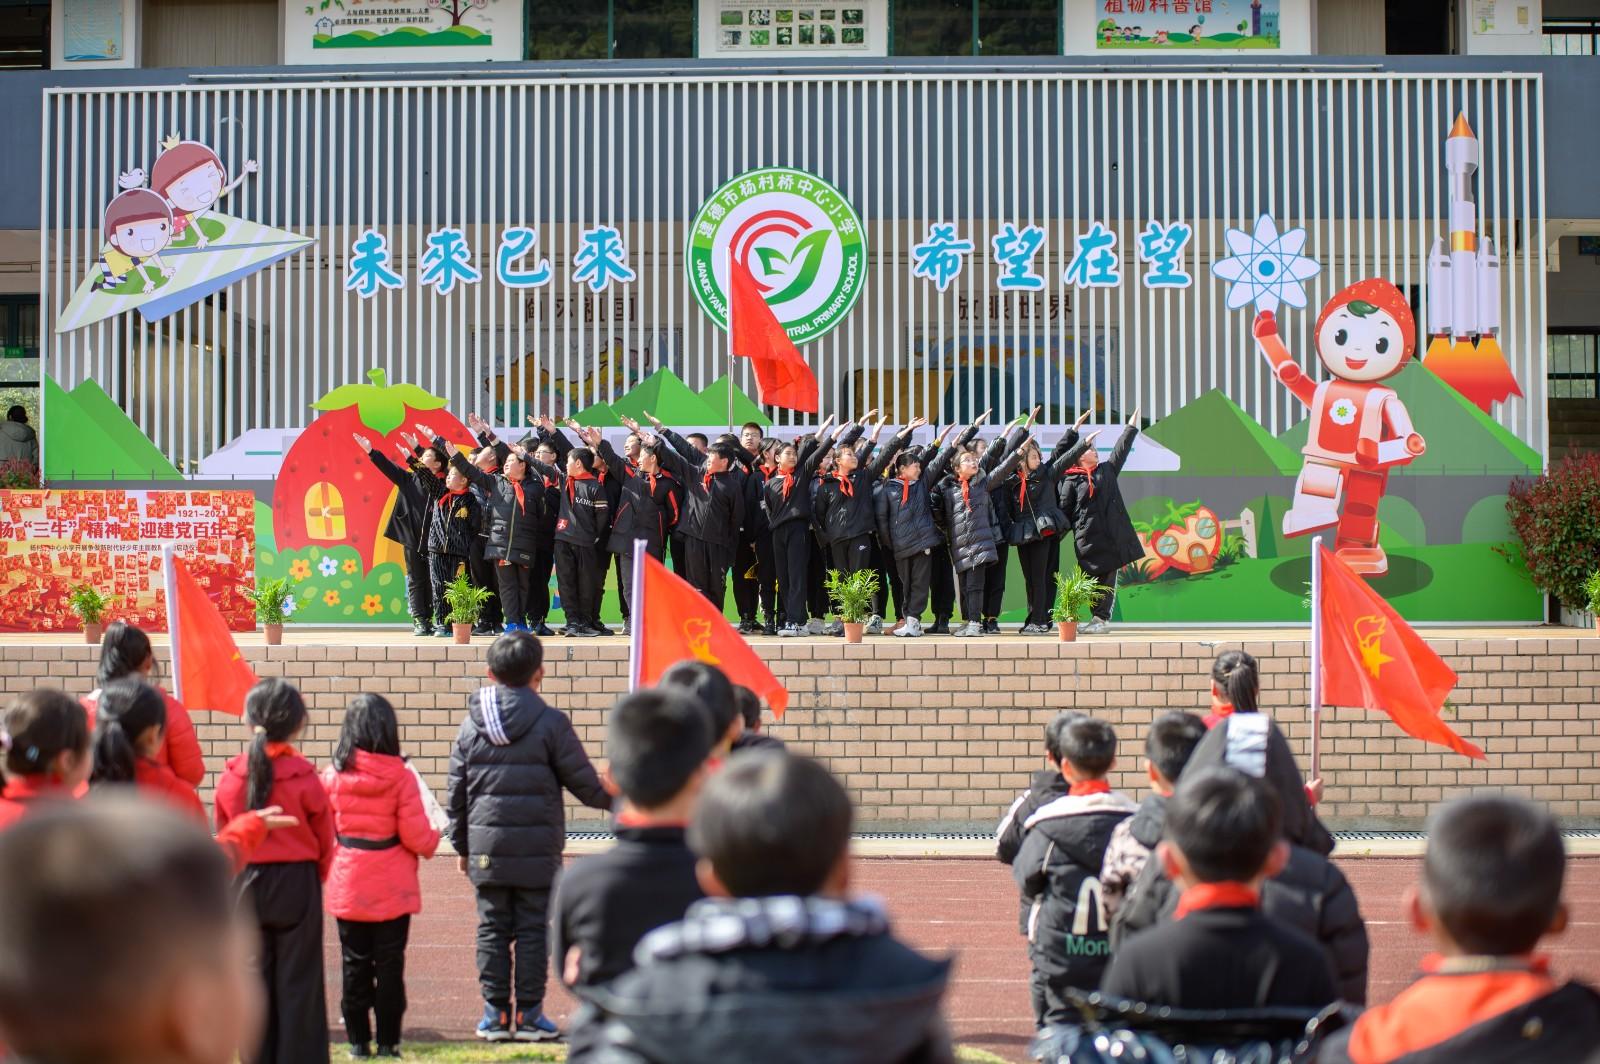 http://www.goschool.org.cn/d/file/06856172.jpg